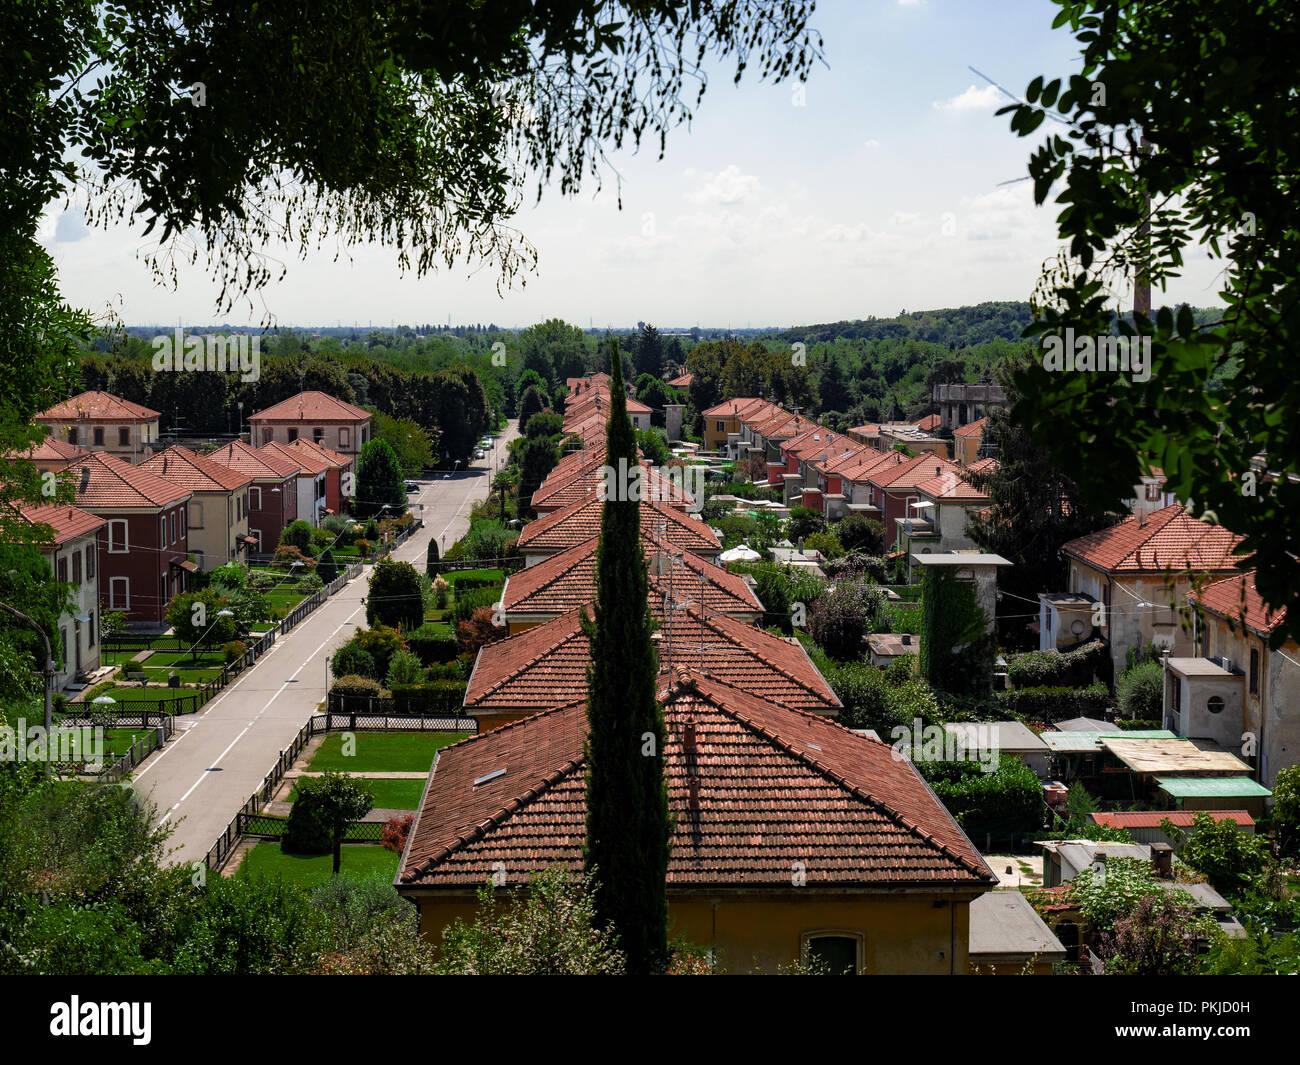 Case Piccole Con Giardino : Piccole case con giardino del villaggio operaio di crespi d adda